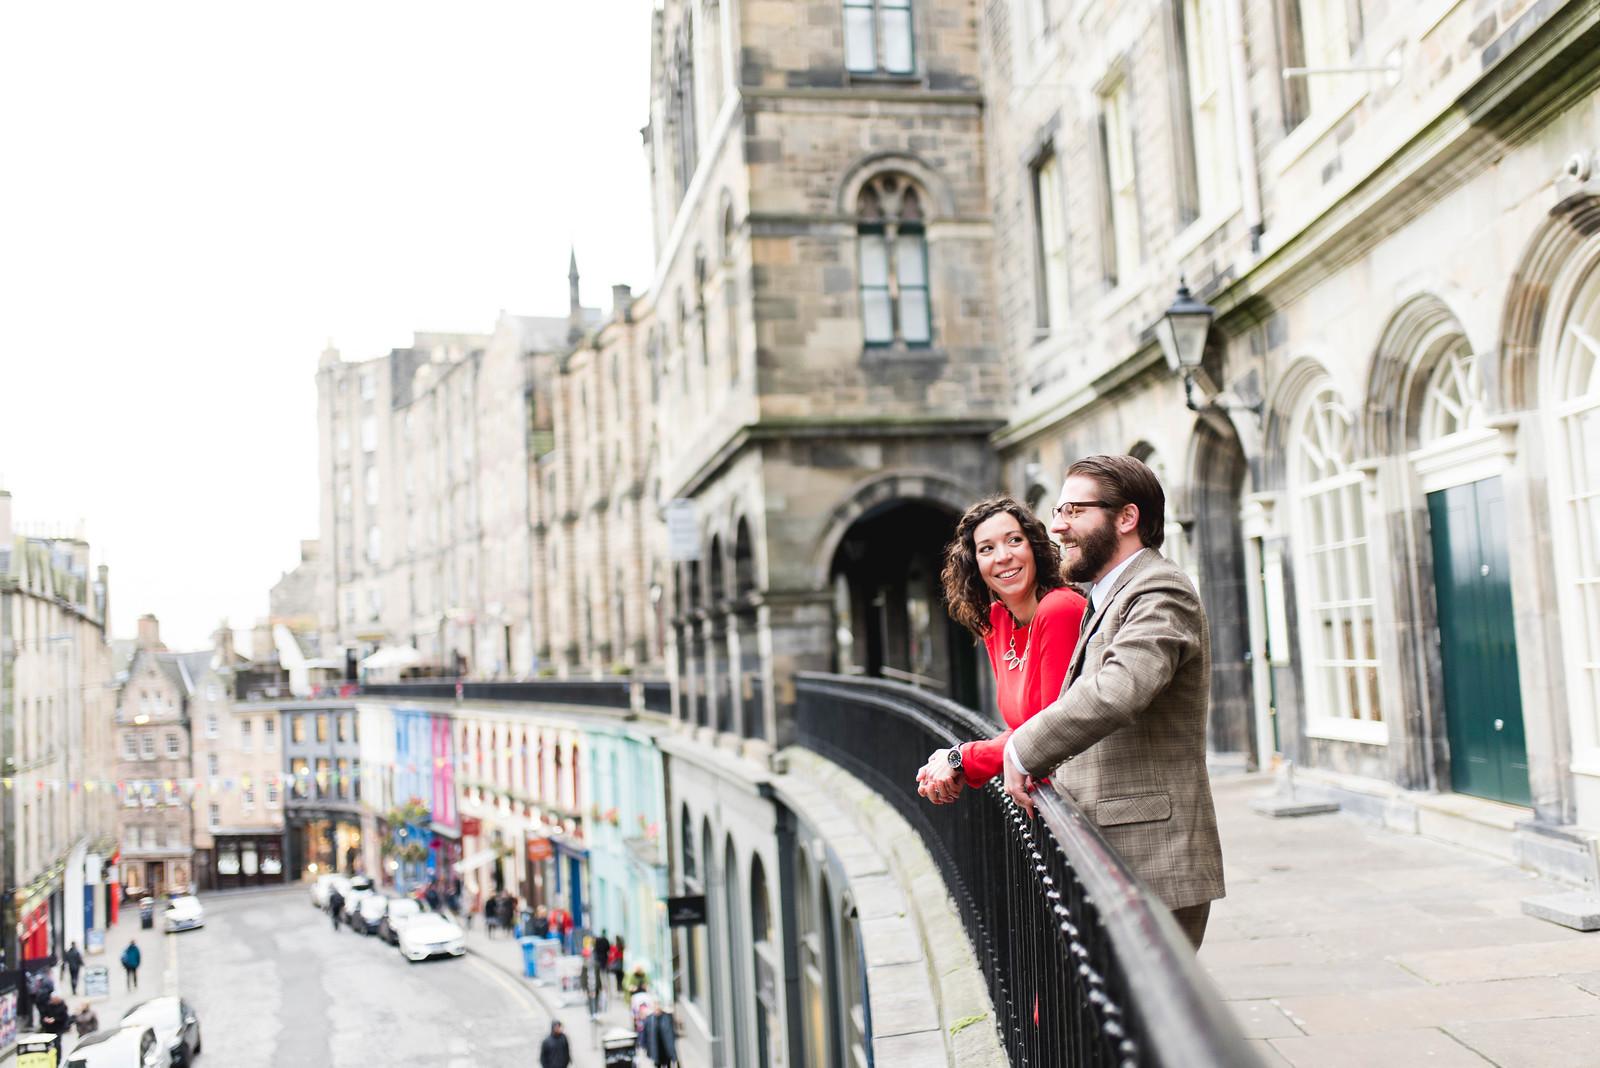 Flytographer Jilli in Edinburgh